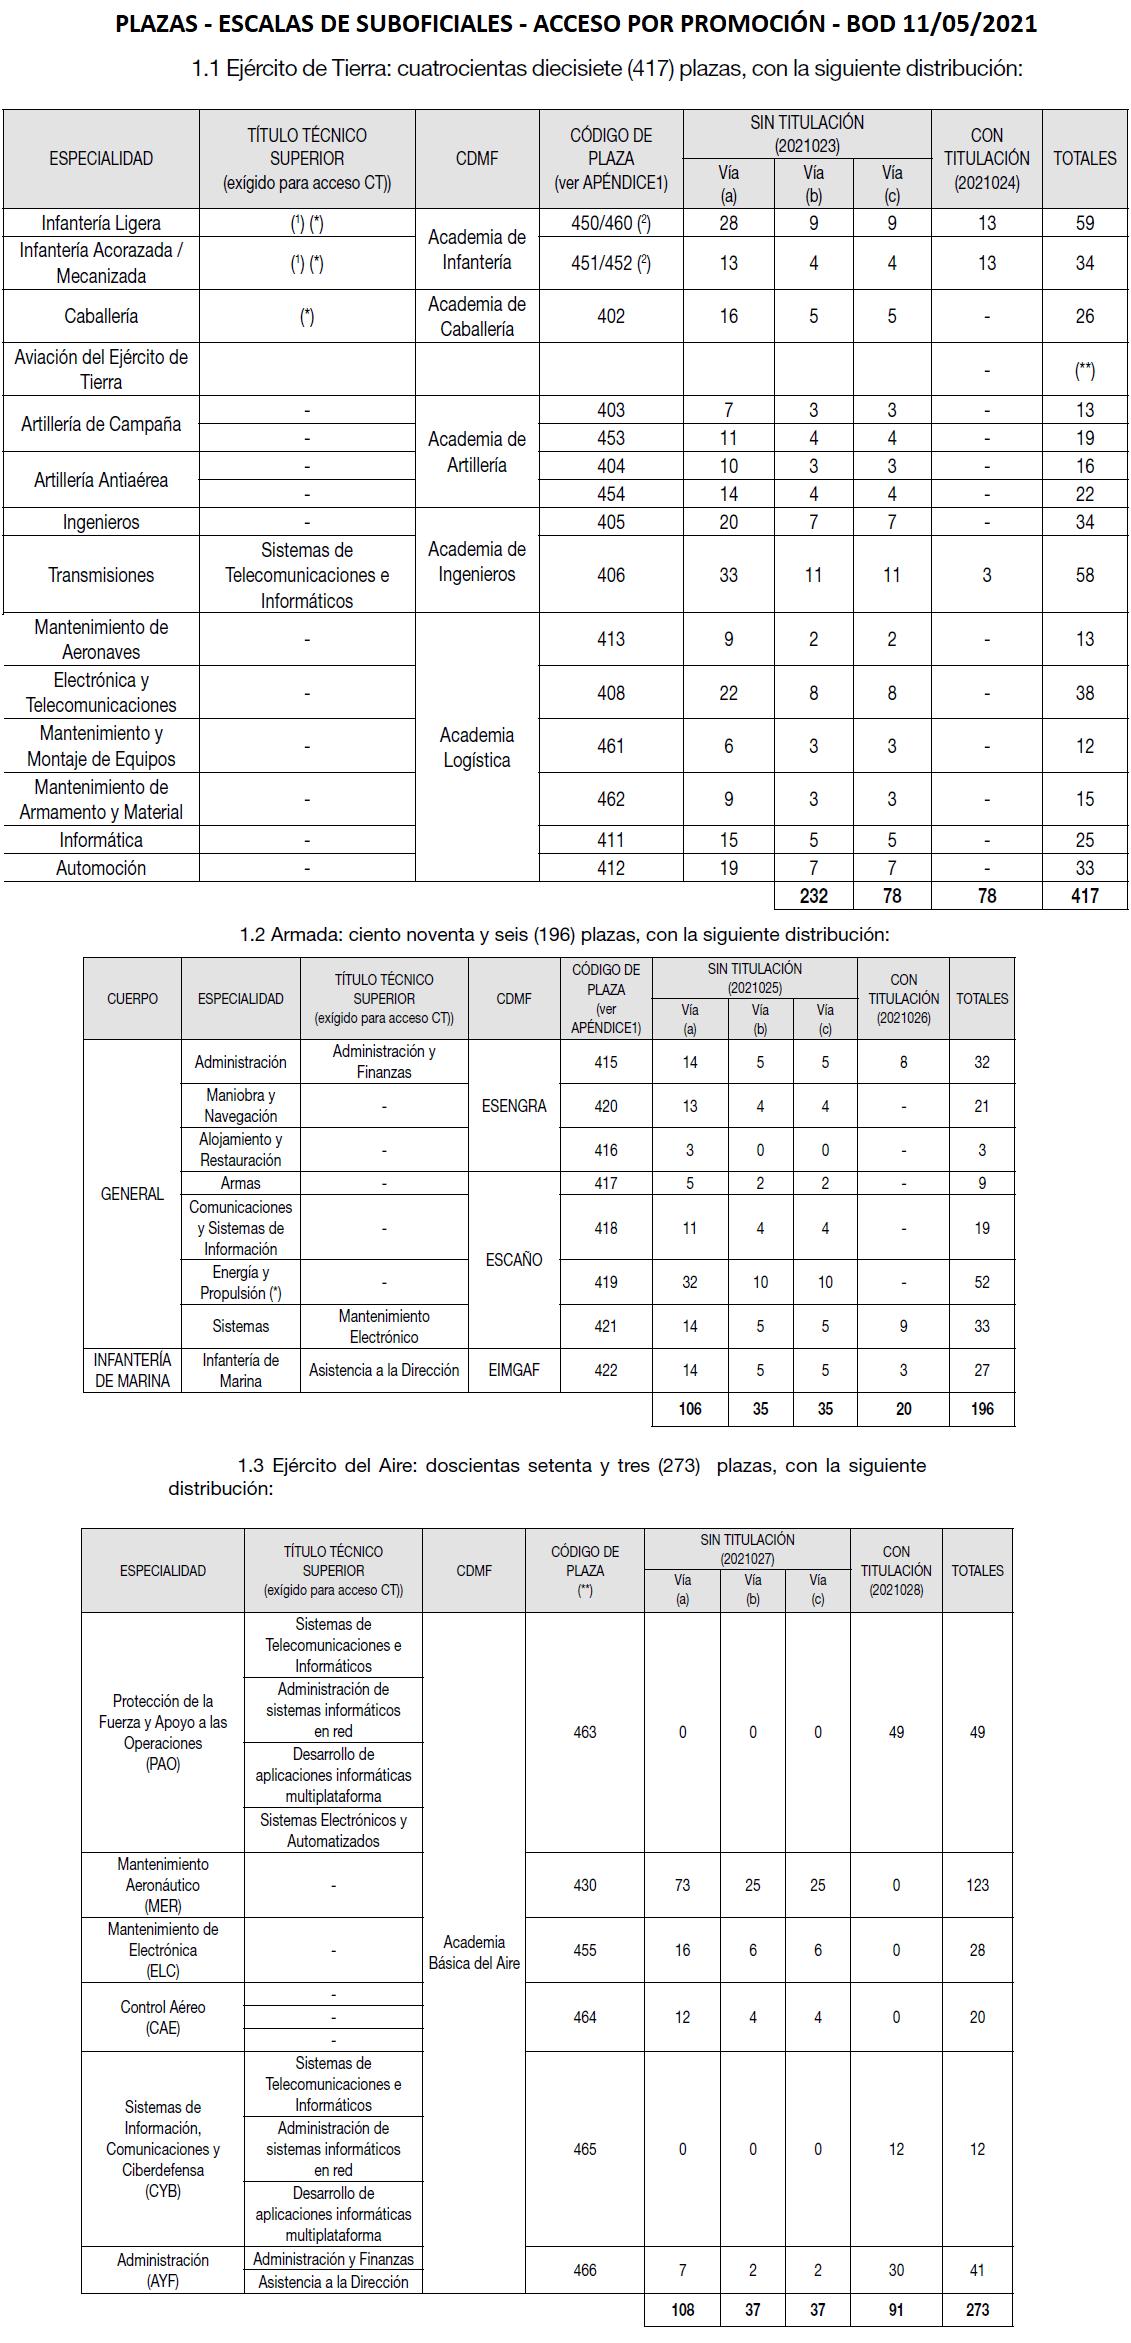 suboficialespromocion21